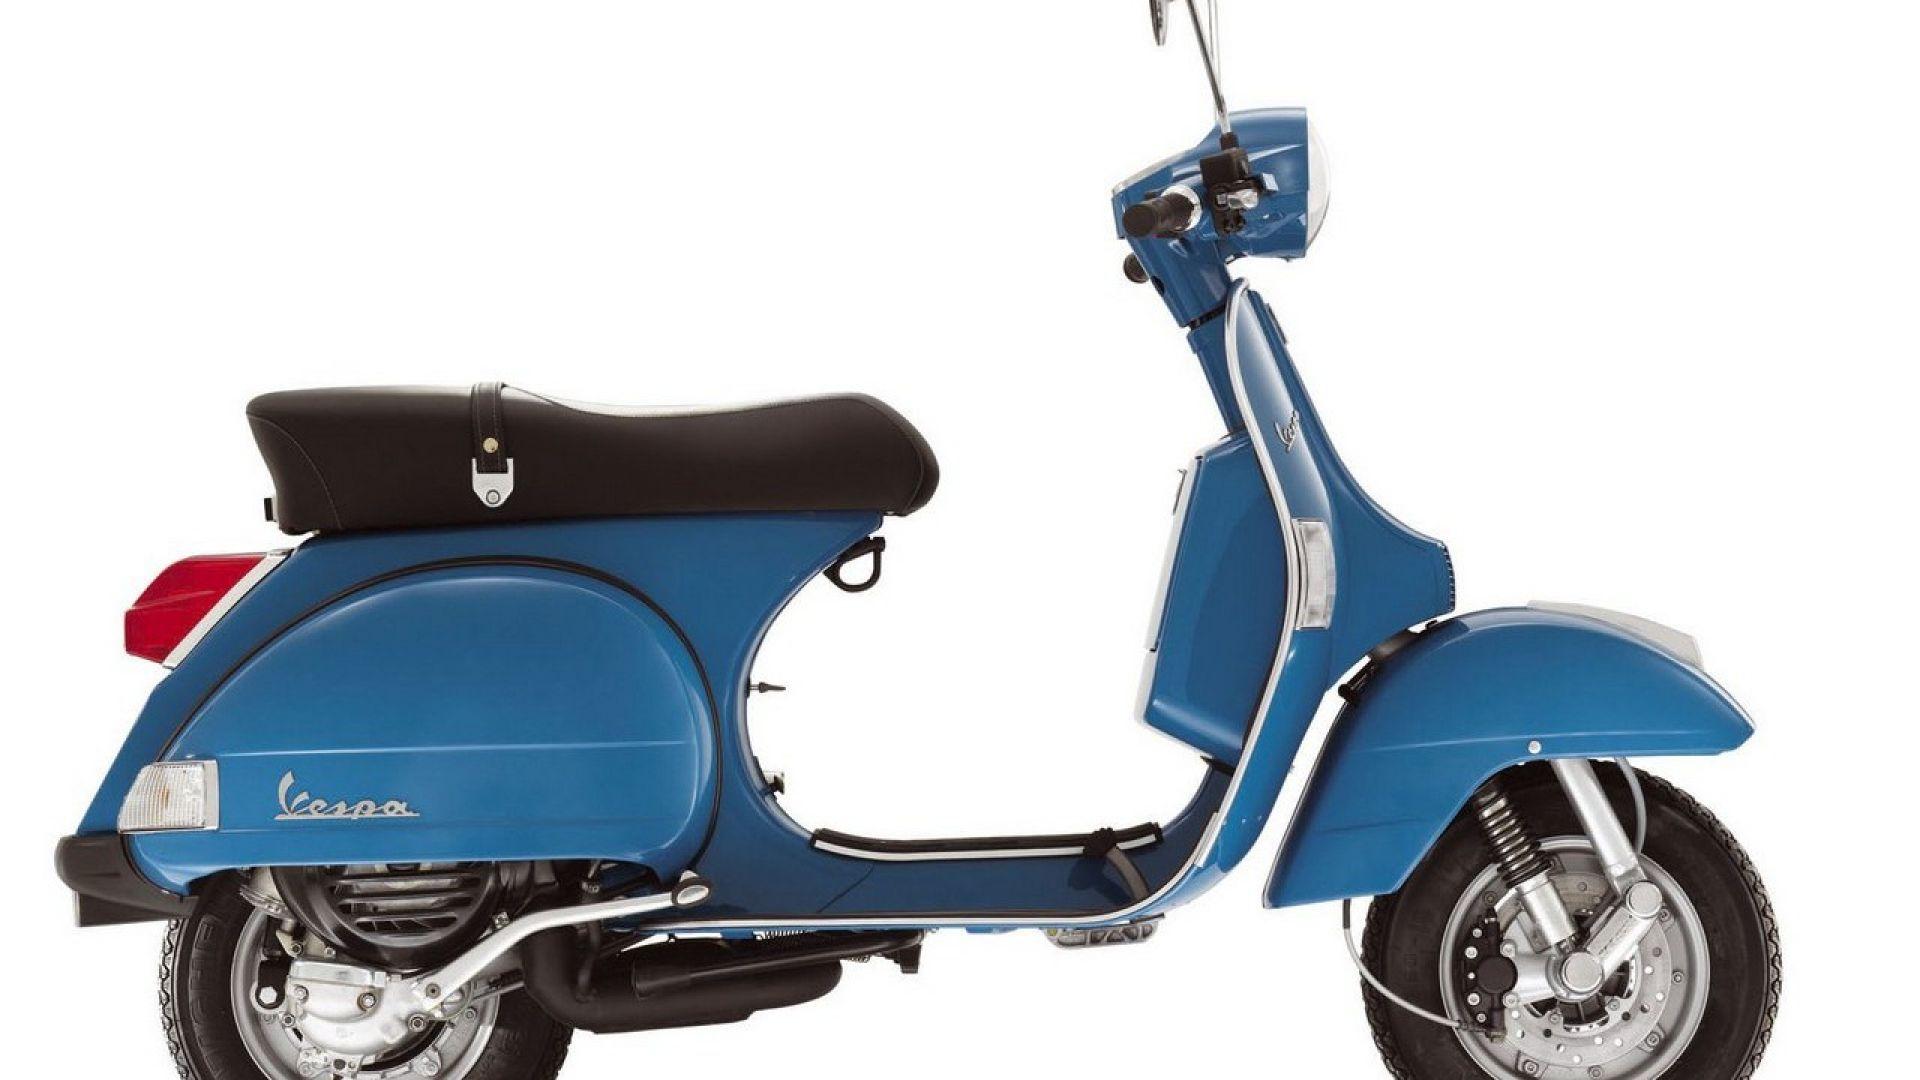 Immagine 8: Piaggio Vespa PX 2011